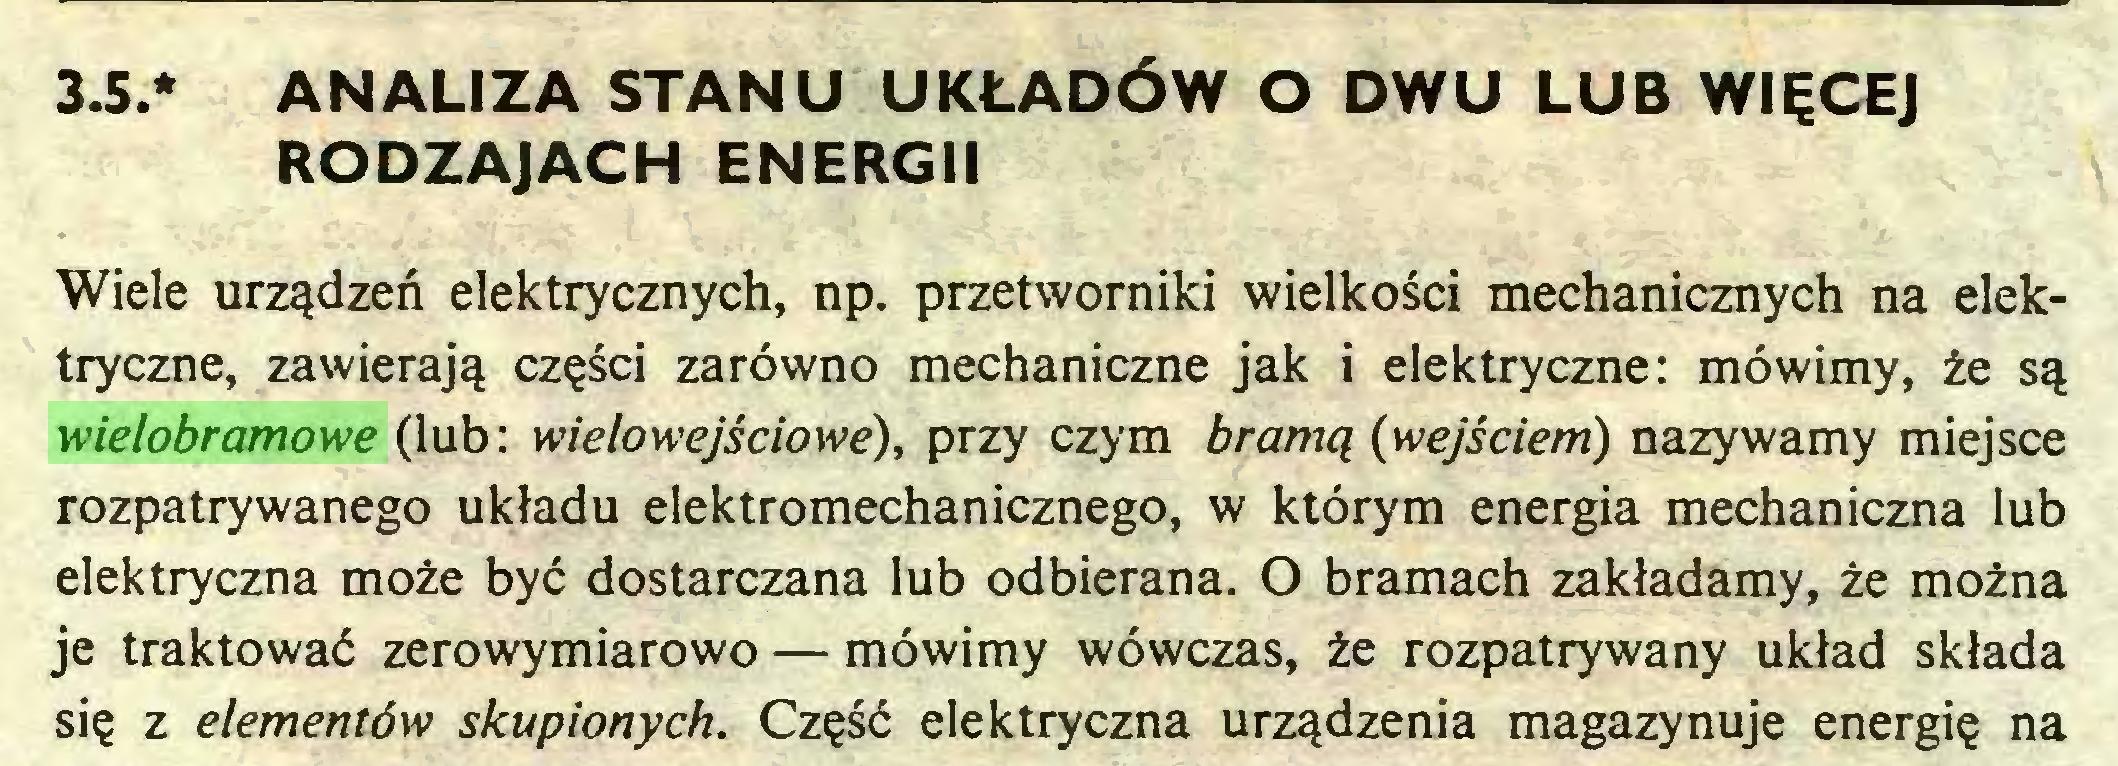 (...) 3.5.* ANALIZA STANU UKŁADÓW O DWU LUB WIĘCEJ RODZAJACH ENERGII Wiele urządzeń elektrycznych, np. przetworniki wielkości mechanicznych na elektryczne, zawierają części zarówno mechaniczne jak i elektryczne: mówimy, że są wielobramowe (lub: wielowejściowe), przy czym bramą (wejściem) nazywamy miejsce rozpatrywanego układu elektromechanicznego, w którym energia mechaniczna lub elektryczna może być dostarczana lub odbierana. O bramach zakładamy, że można je traktować zerowymiarowo — mówimy wówczas, że rozpatrywany układ składa się z elementów skupionych. Część elektryczna urządzenia magazynuje energię na...